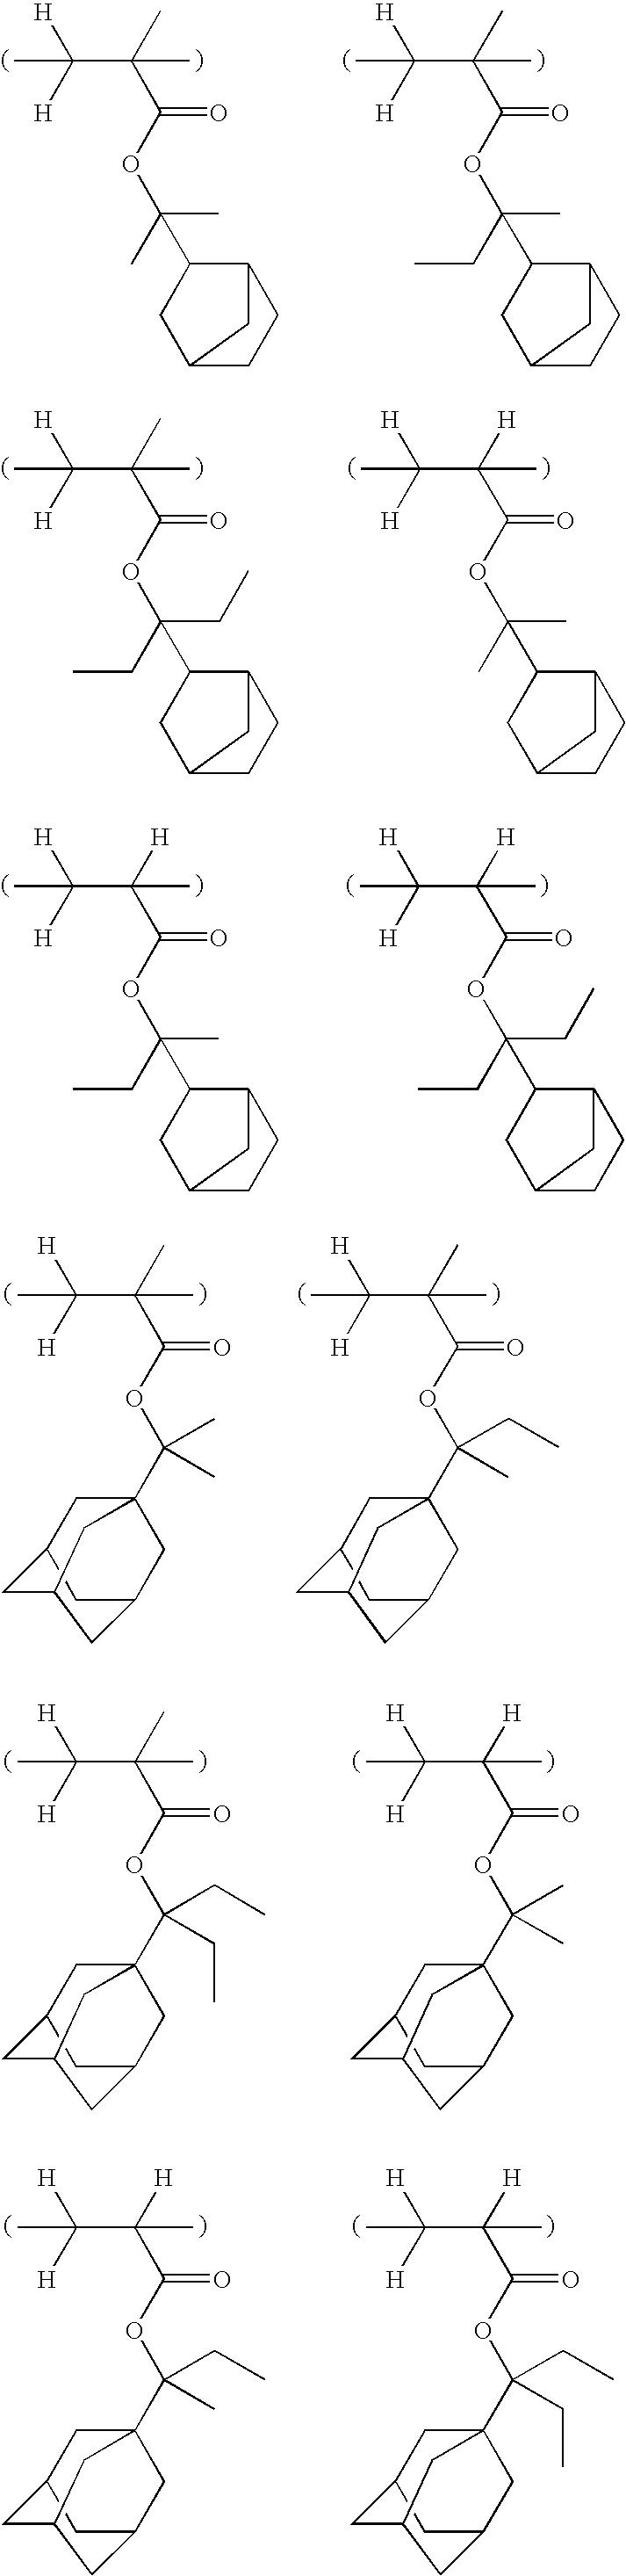 Figure US07537880-20090526-C00044